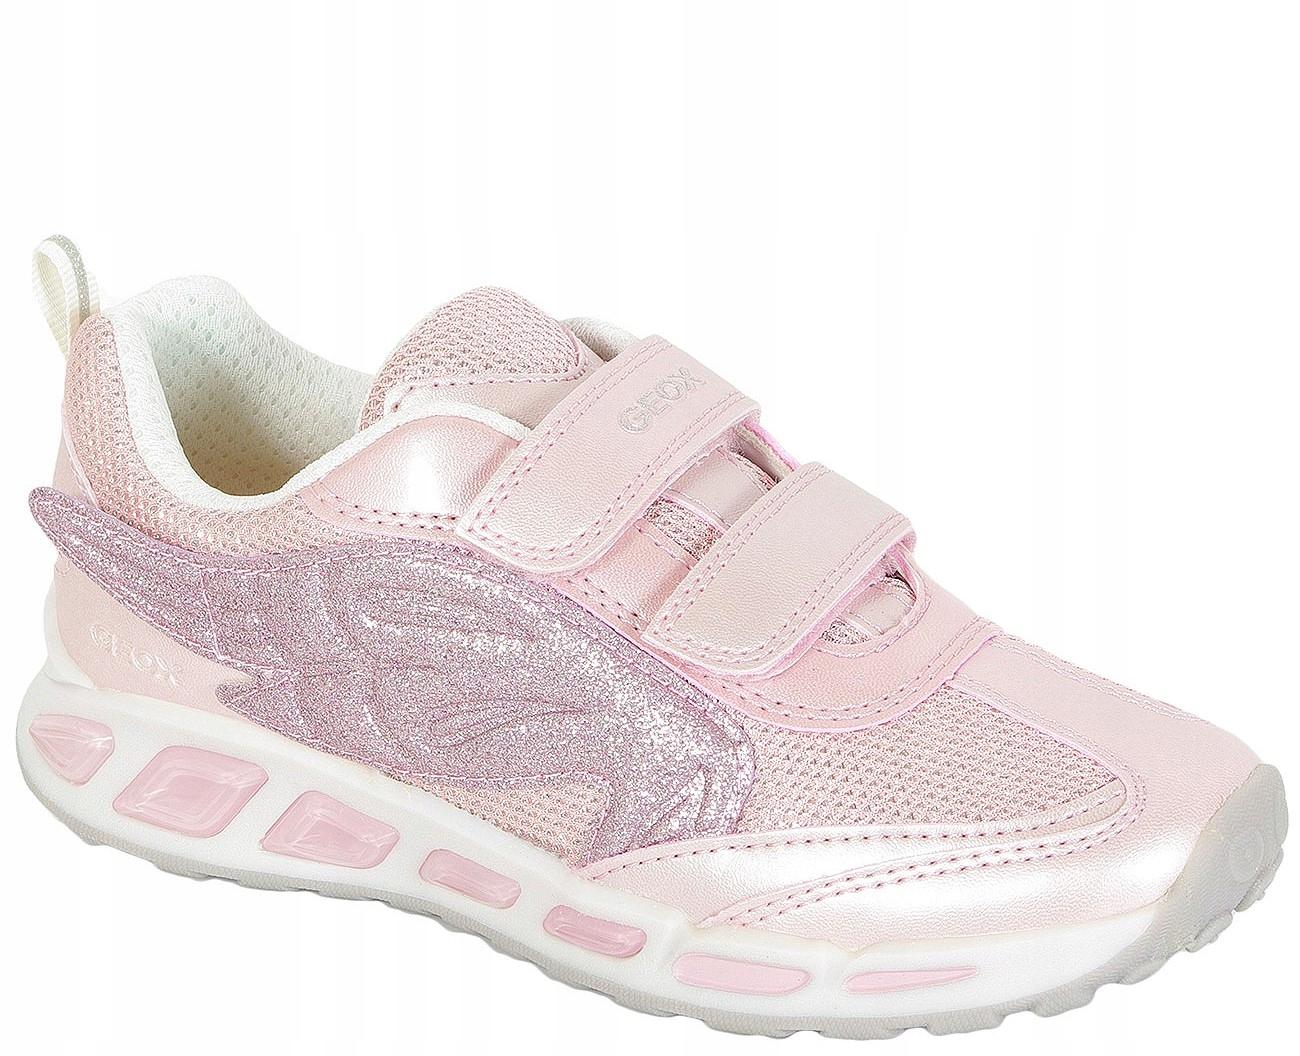 Nowe skórzane buty sportowe NIKE rozmiar 25 Przeźmierowo